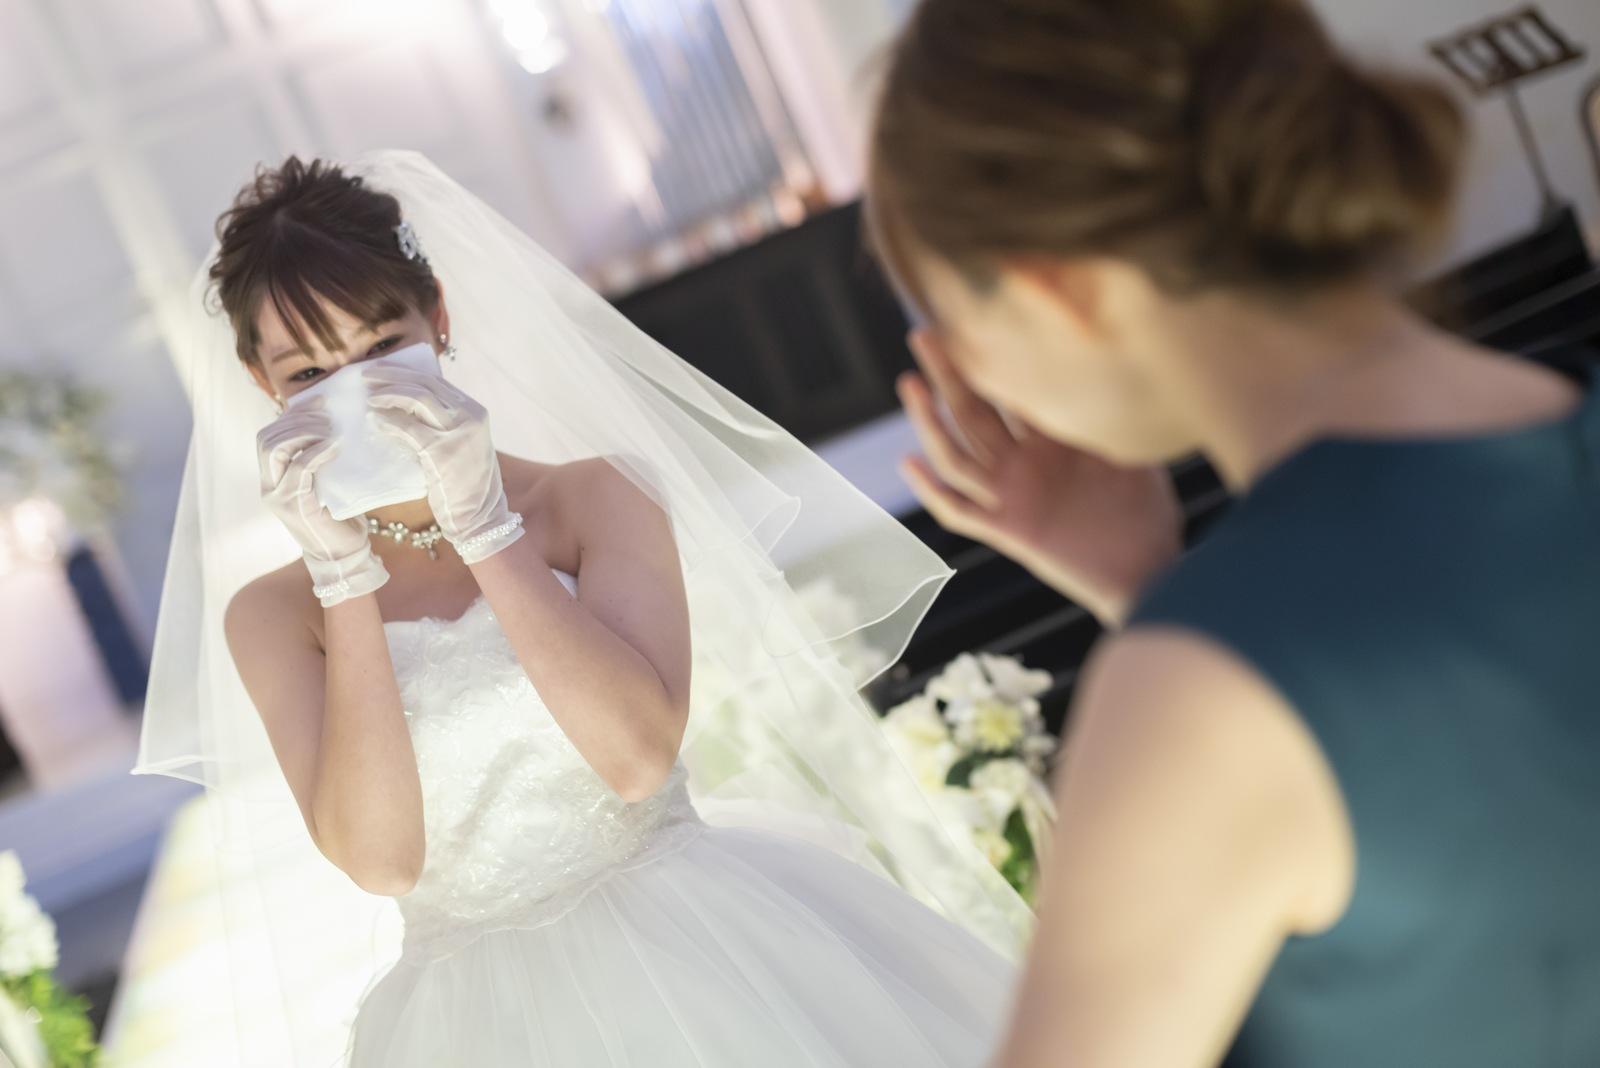 香川県の結婚式場シェルエメール&アイスタイルのサプライズ